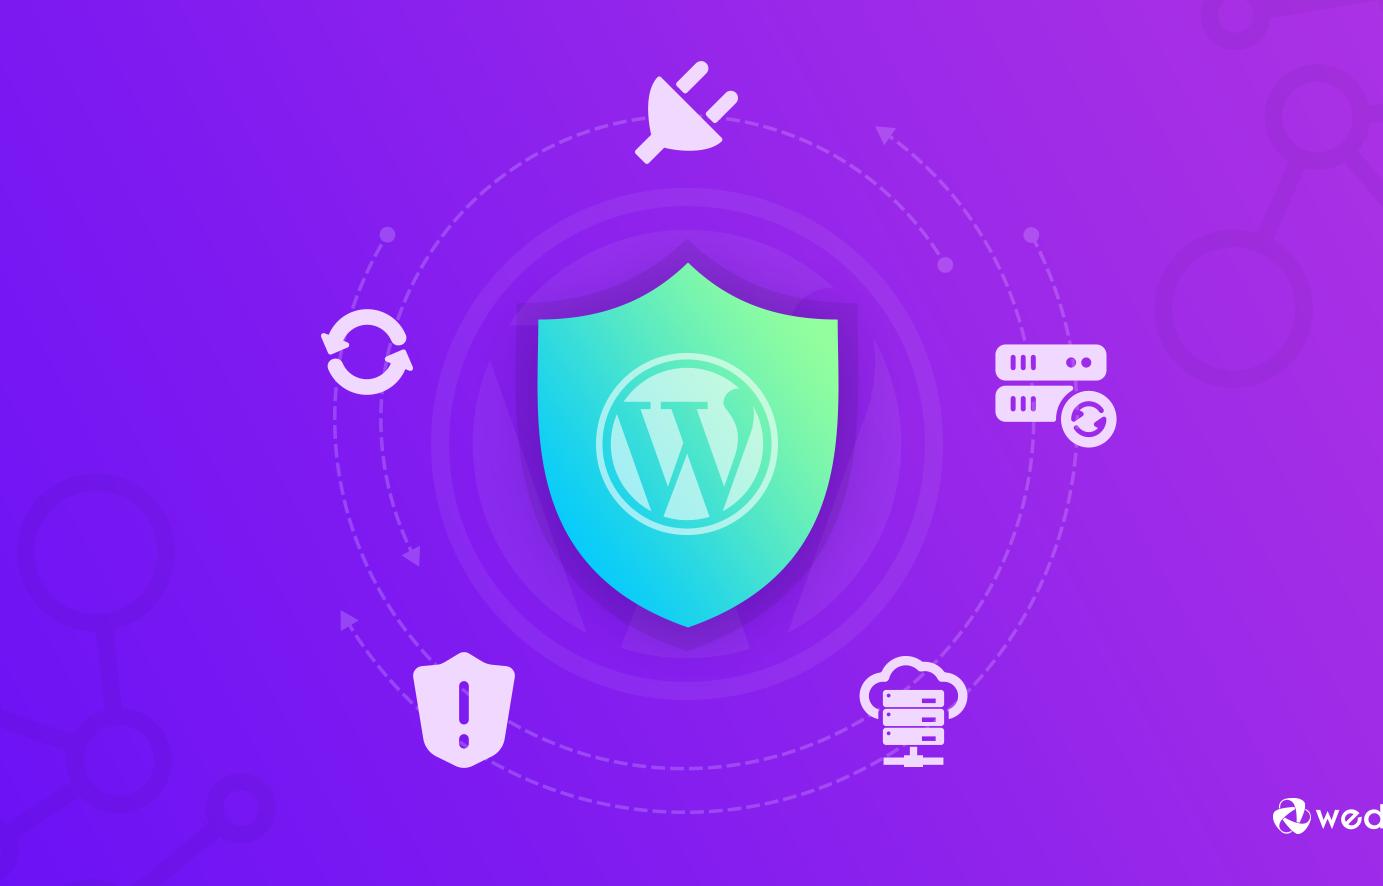 Ce module folosesc pentru securitatea unui website folosind WordPress